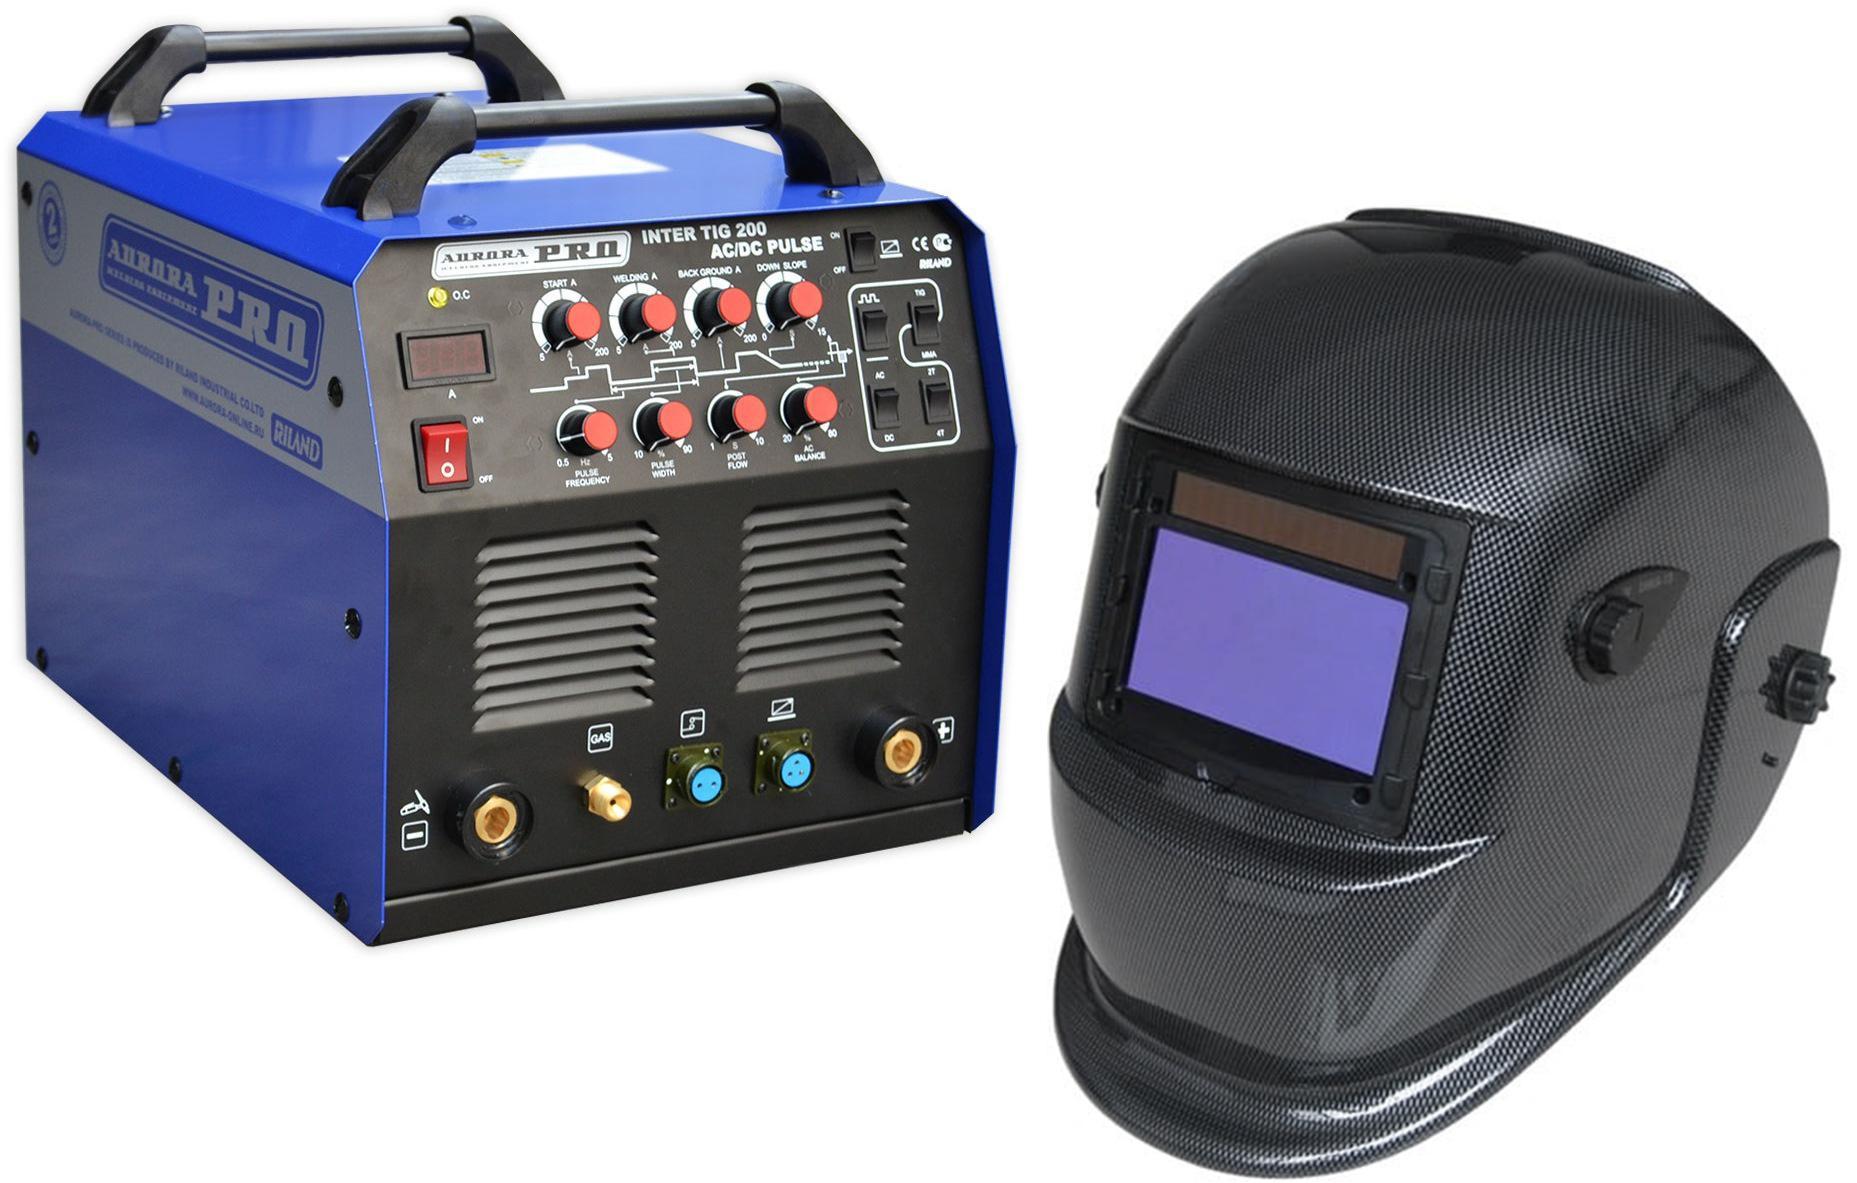 цена на Набор Aurora pro Сварочный аппарат inter tig 200 ac/dc pulse mosfet +Маска s777c (9-13din) carbon